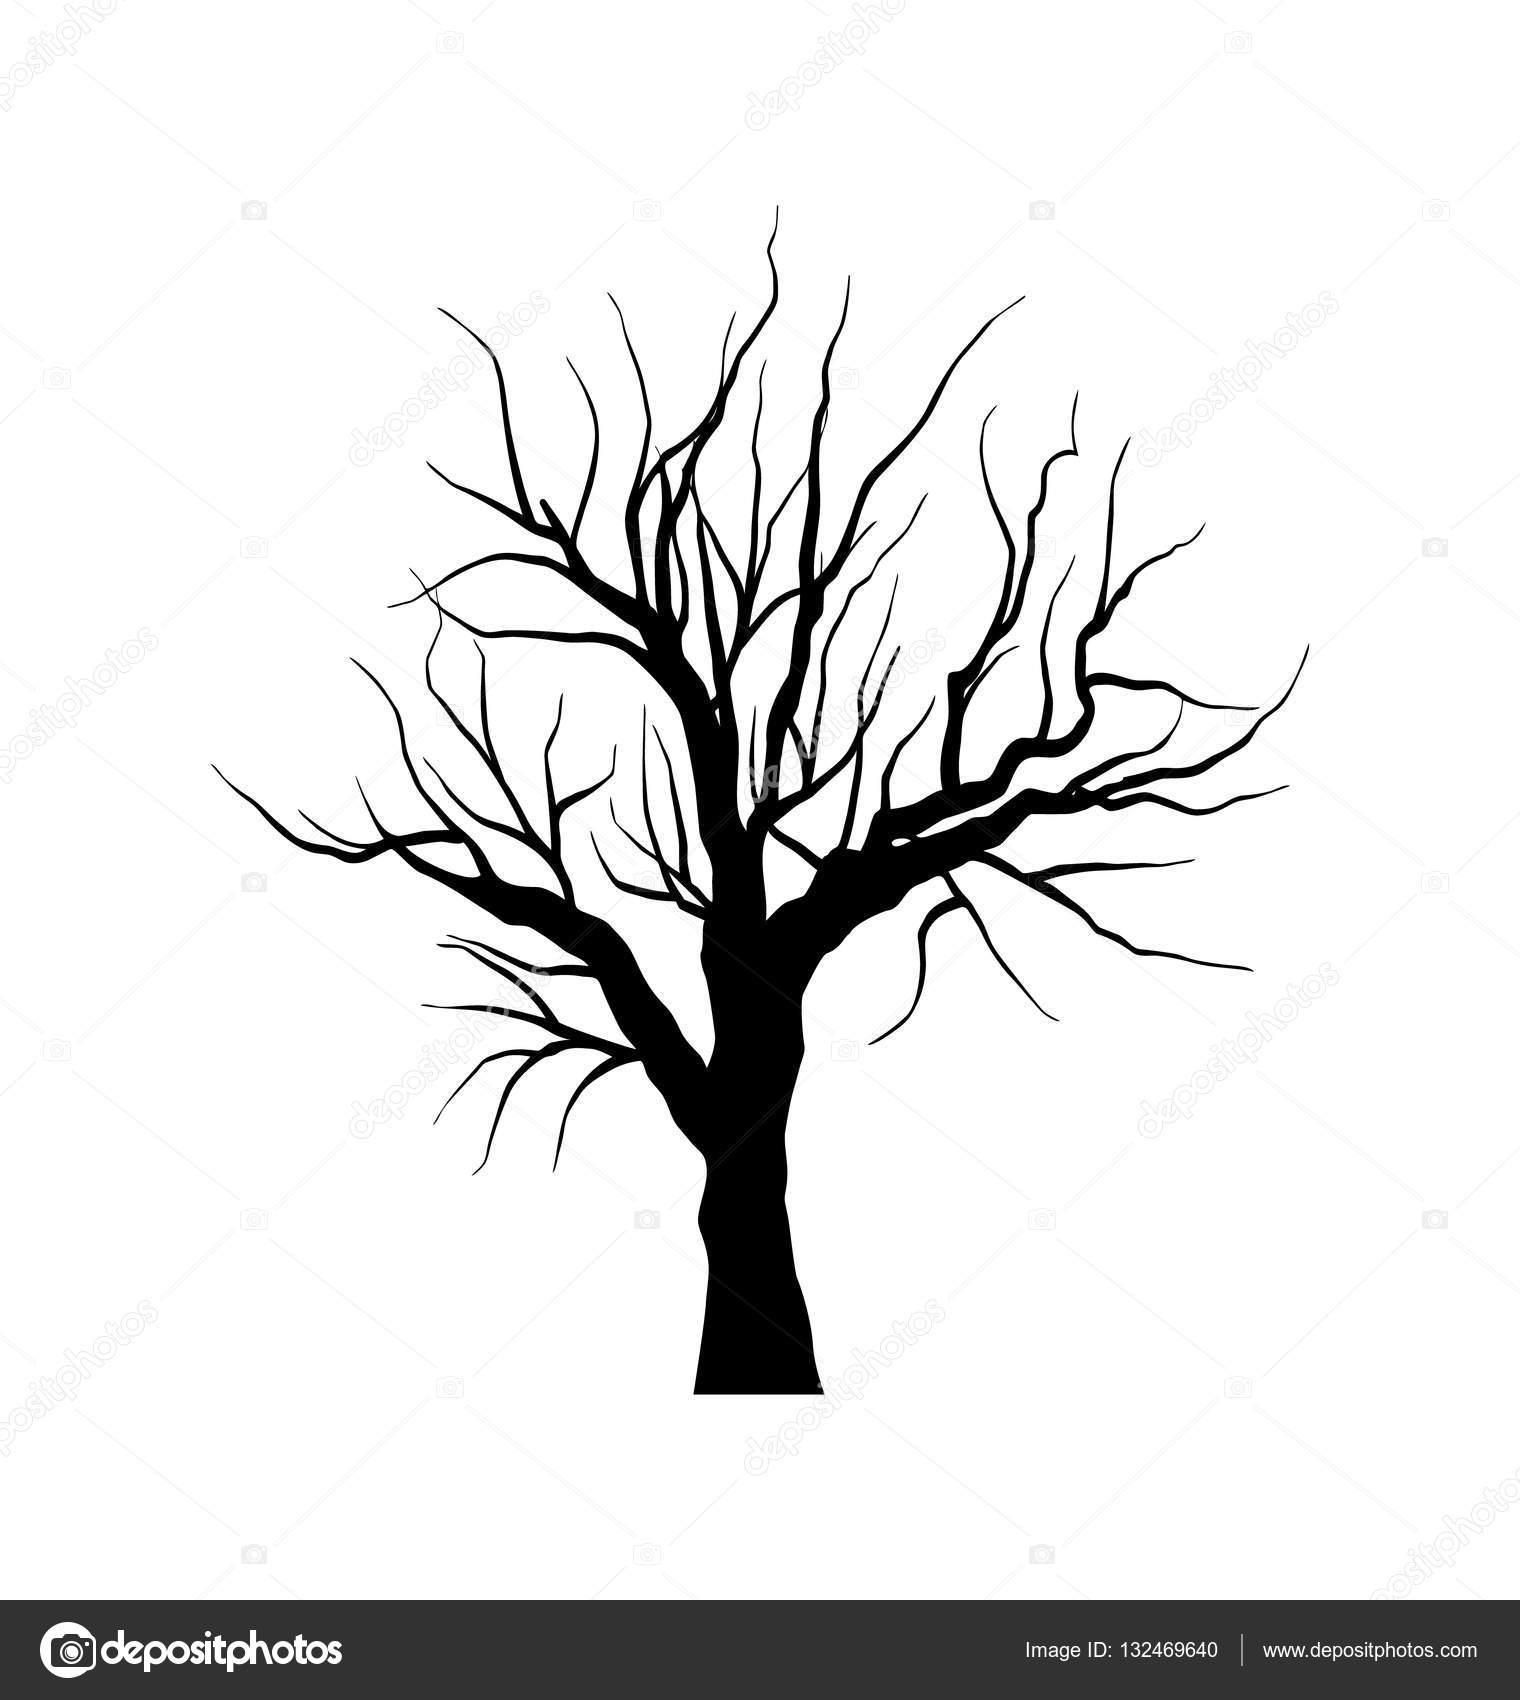 Dibujos Arboles Seco Dibujo De árbol Seco Sin Hojas Aislado